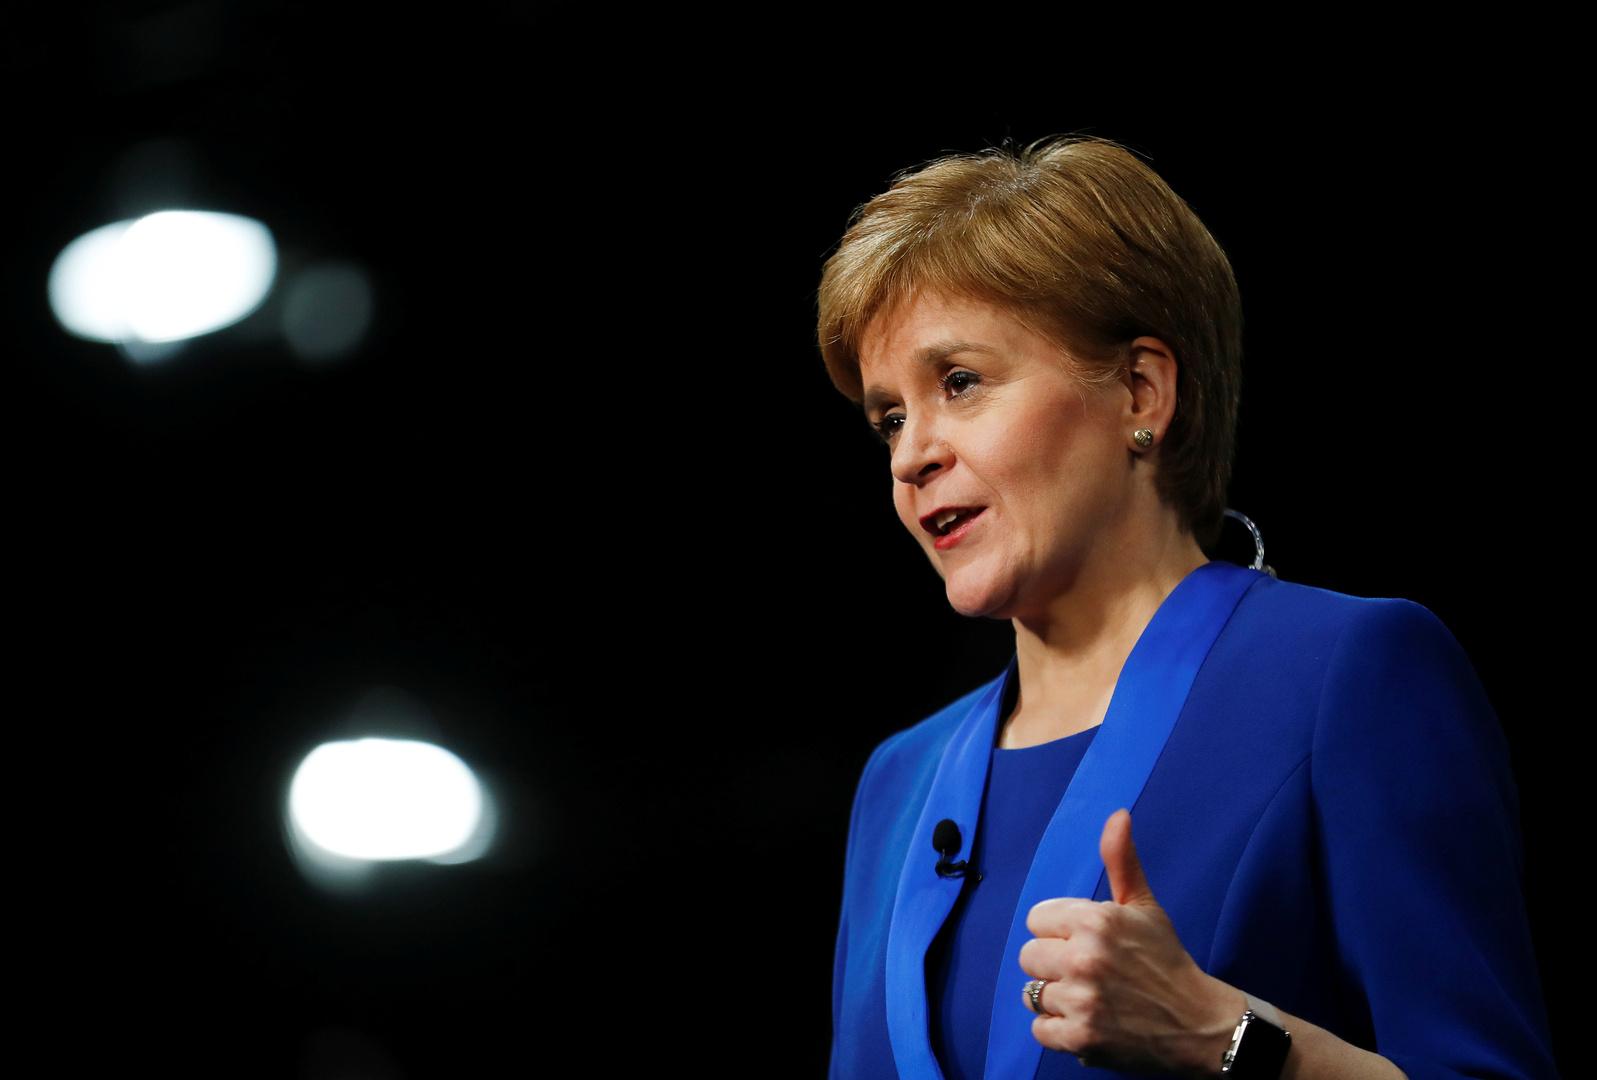 اسكتلندا تطلب رسميا الموافقة على استفتاء استقلالها عن المملكة المتحدة